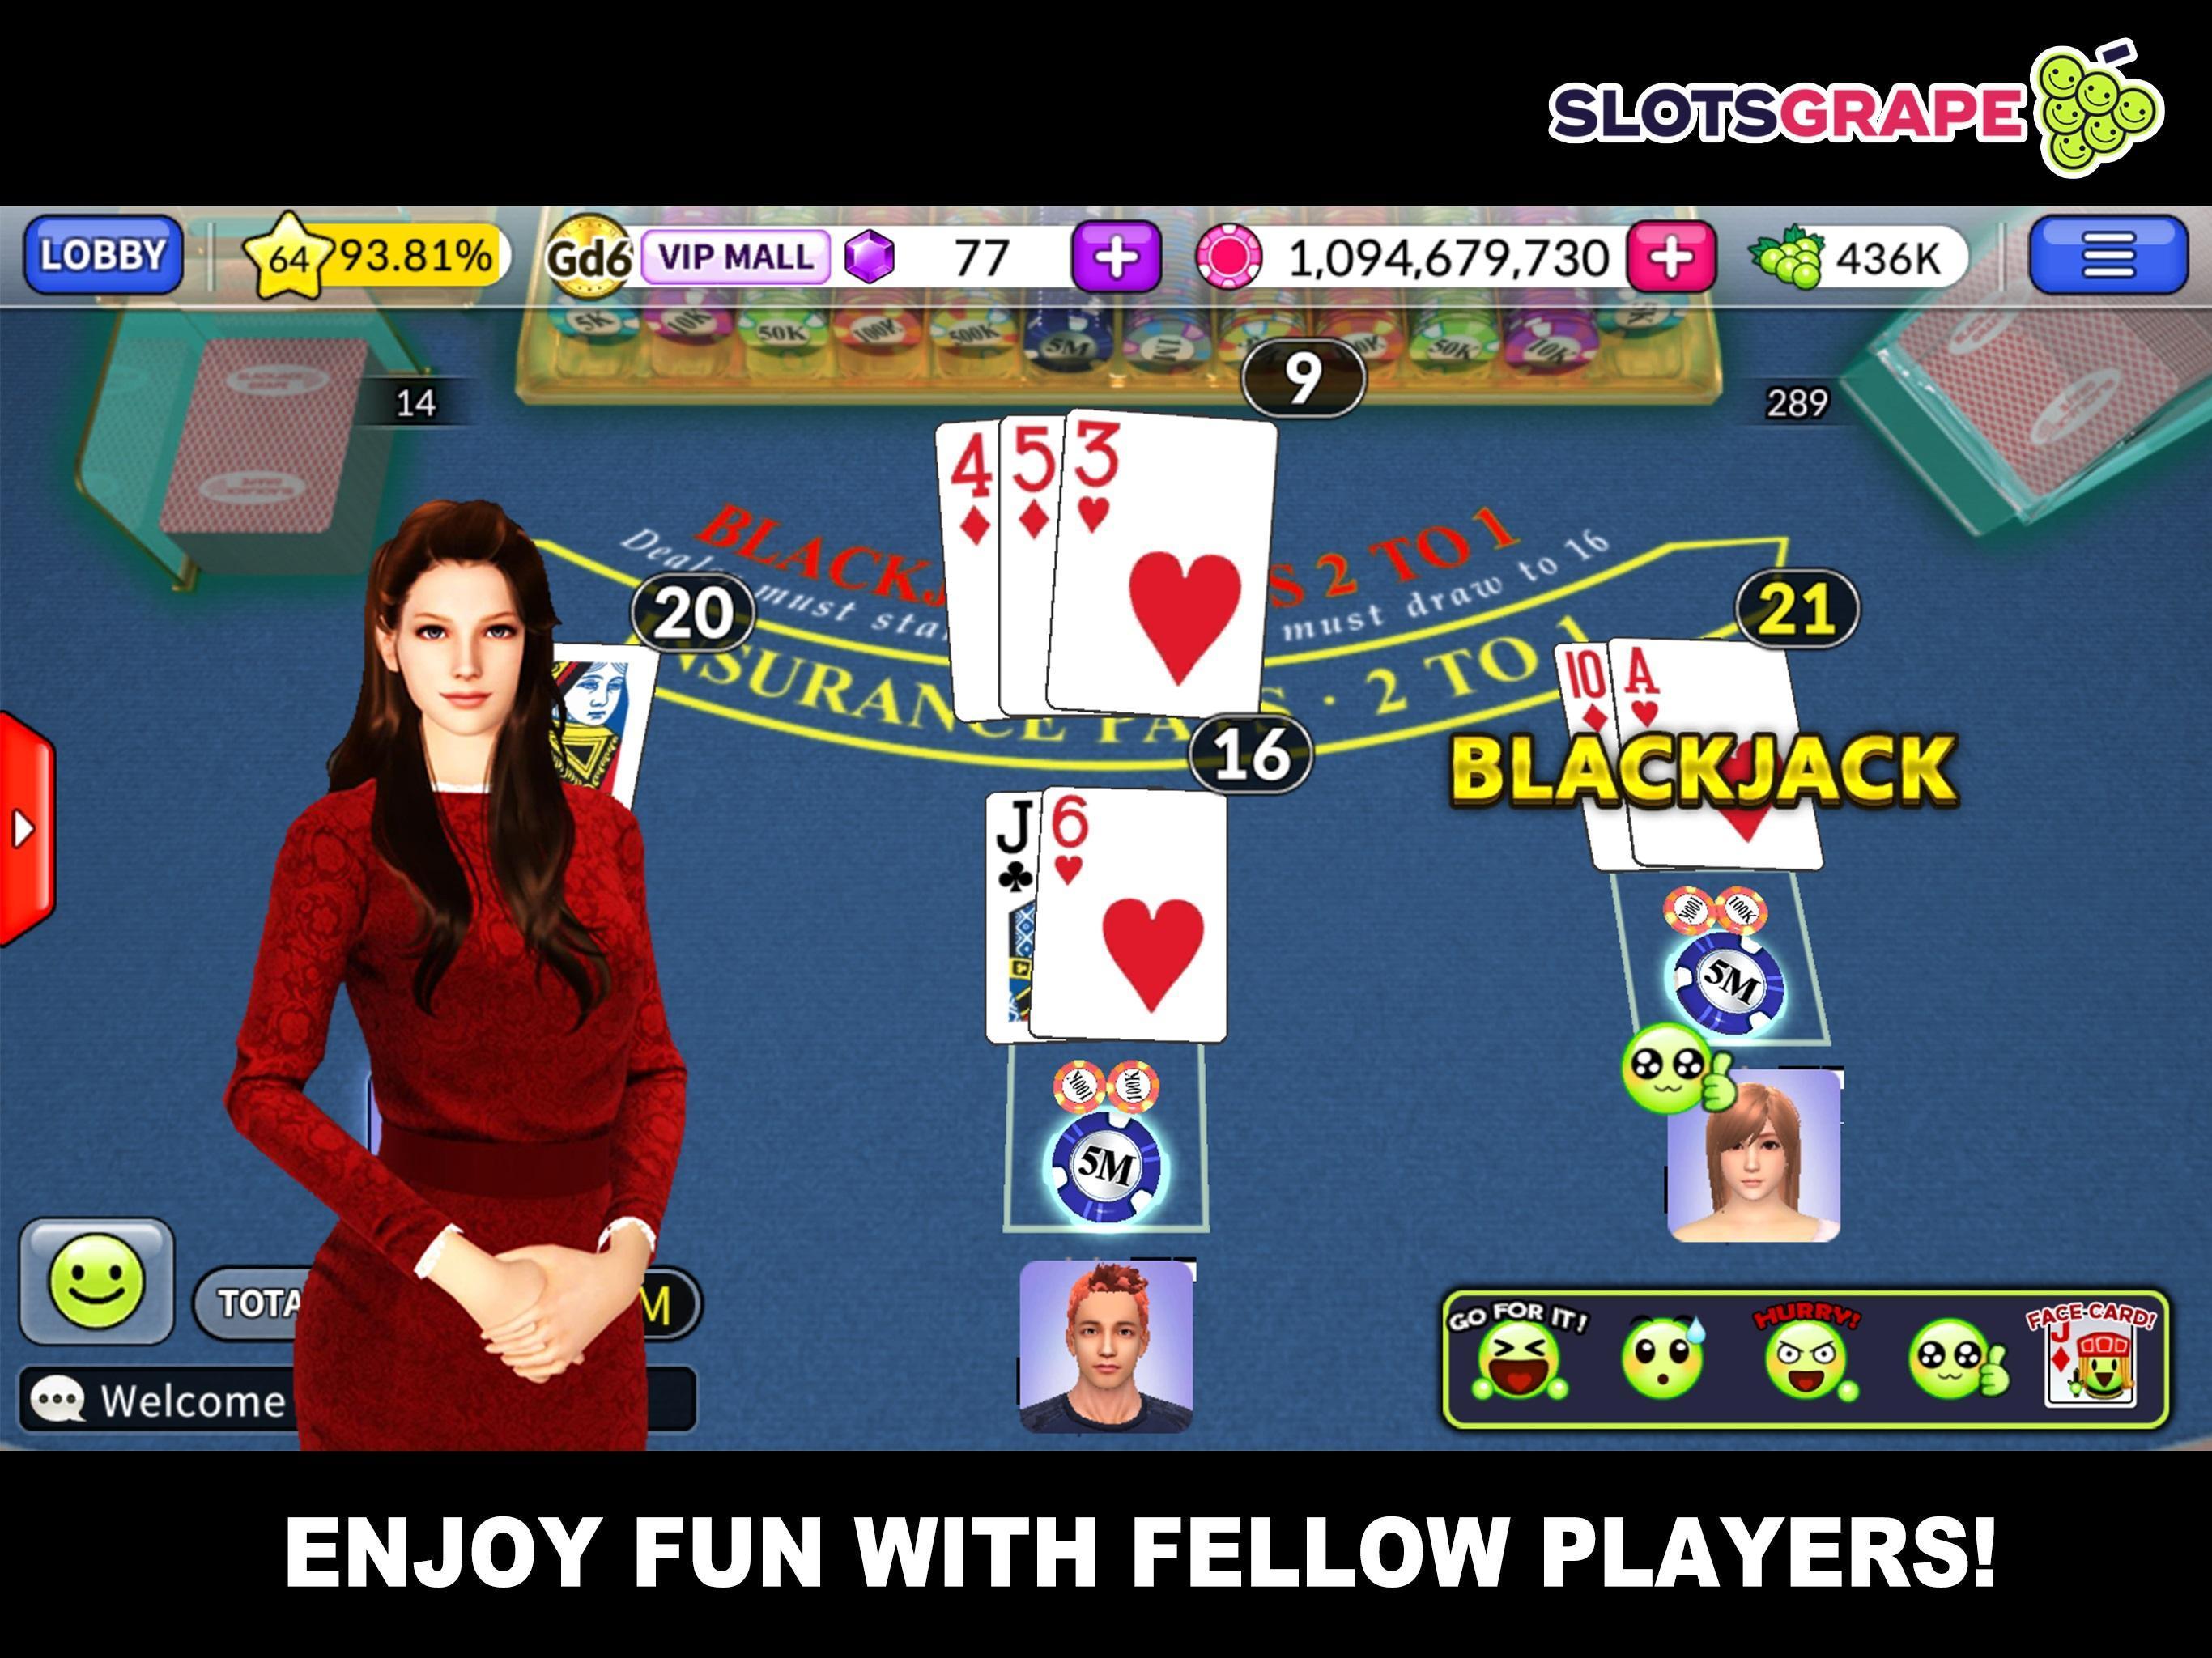 SLOTS GRAPE Free Slots and Table Games 1.0.78 Screenshot 5